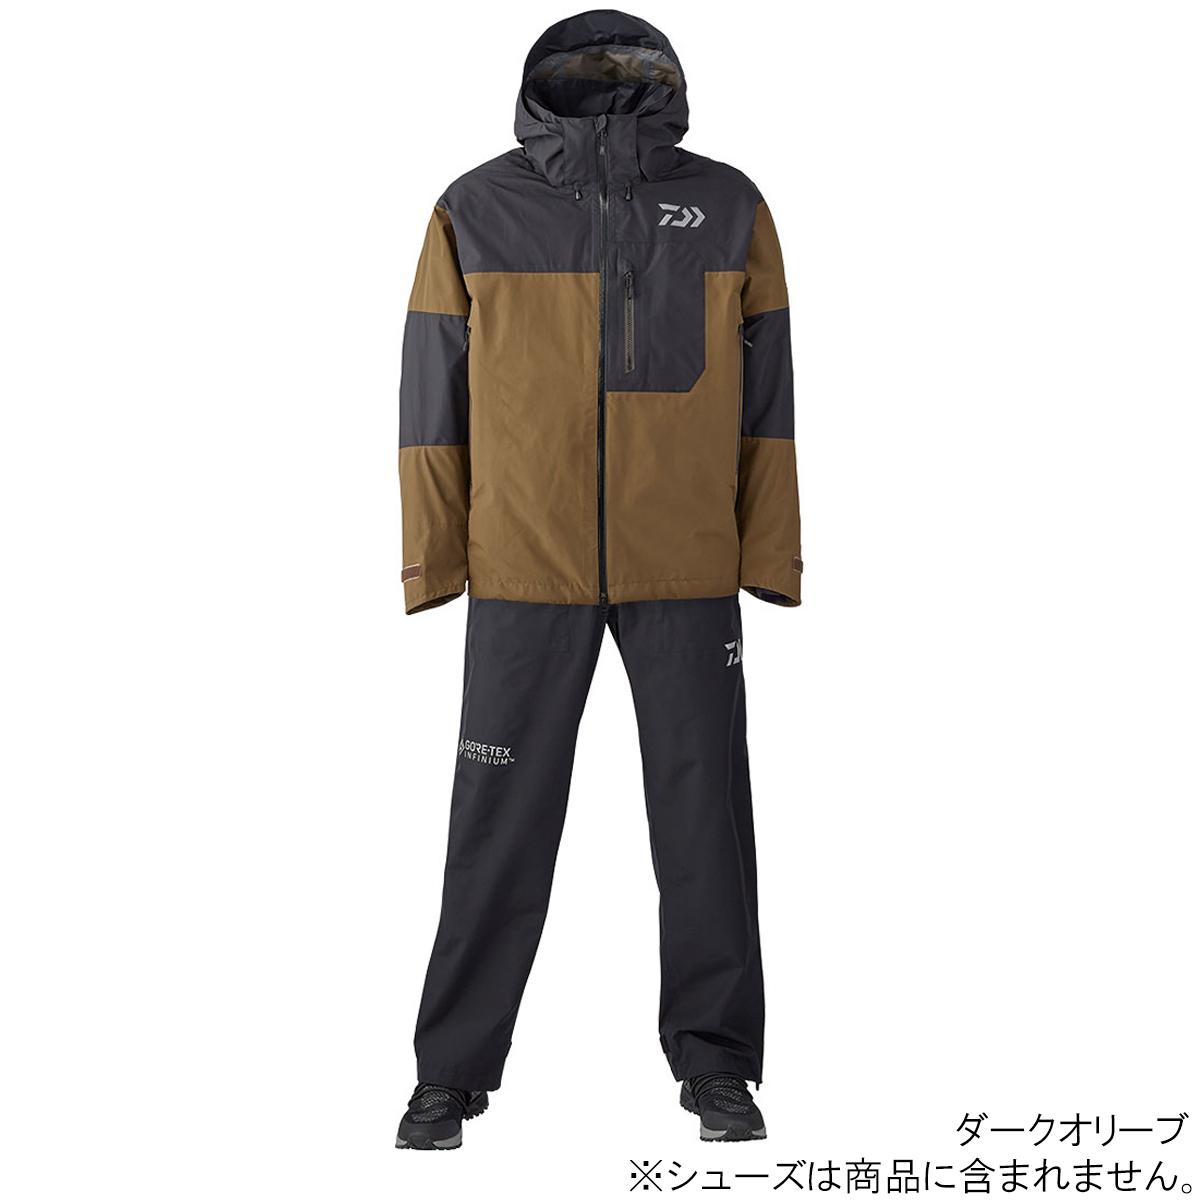 ダイワ ゴアテックス インフィニアム プロダクト レインスーツ DR-19020 XL ダークオリーブ(東日本店)